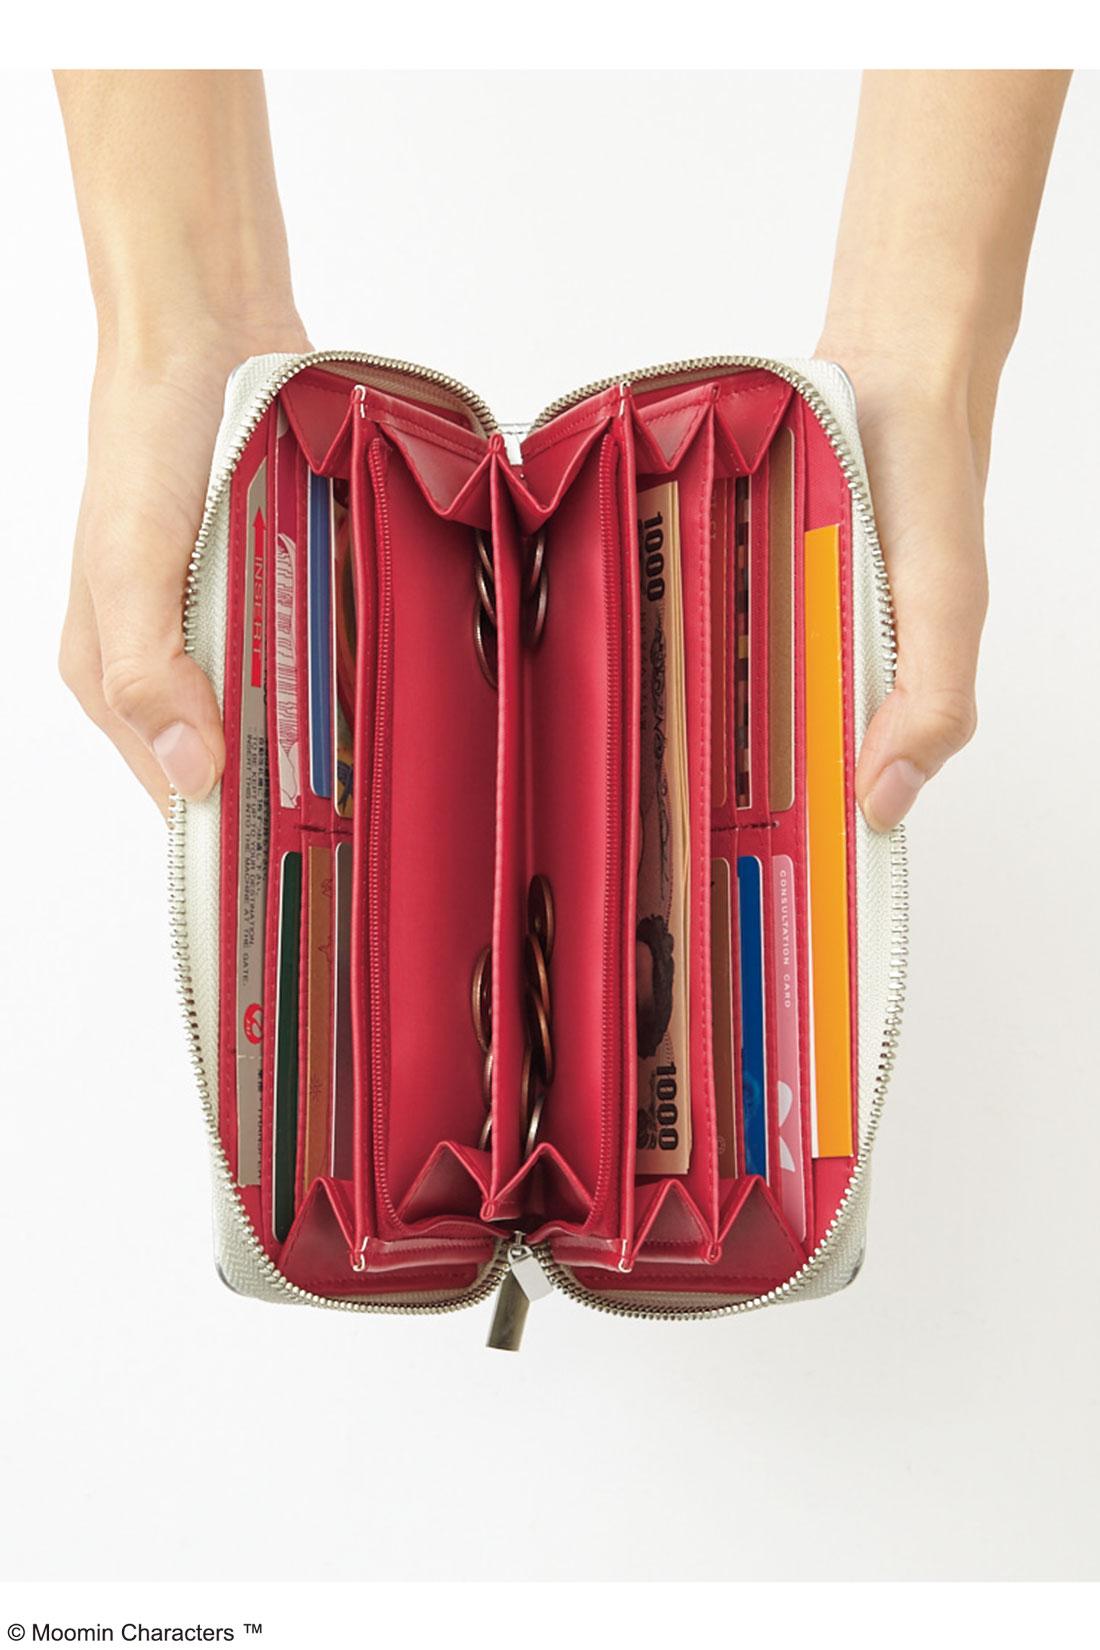 計16個のカードポケットや3つあるお札入れ、ファスナー付き小銭入れに、両端には内ポケットまで。とっても使いやすい仕様。